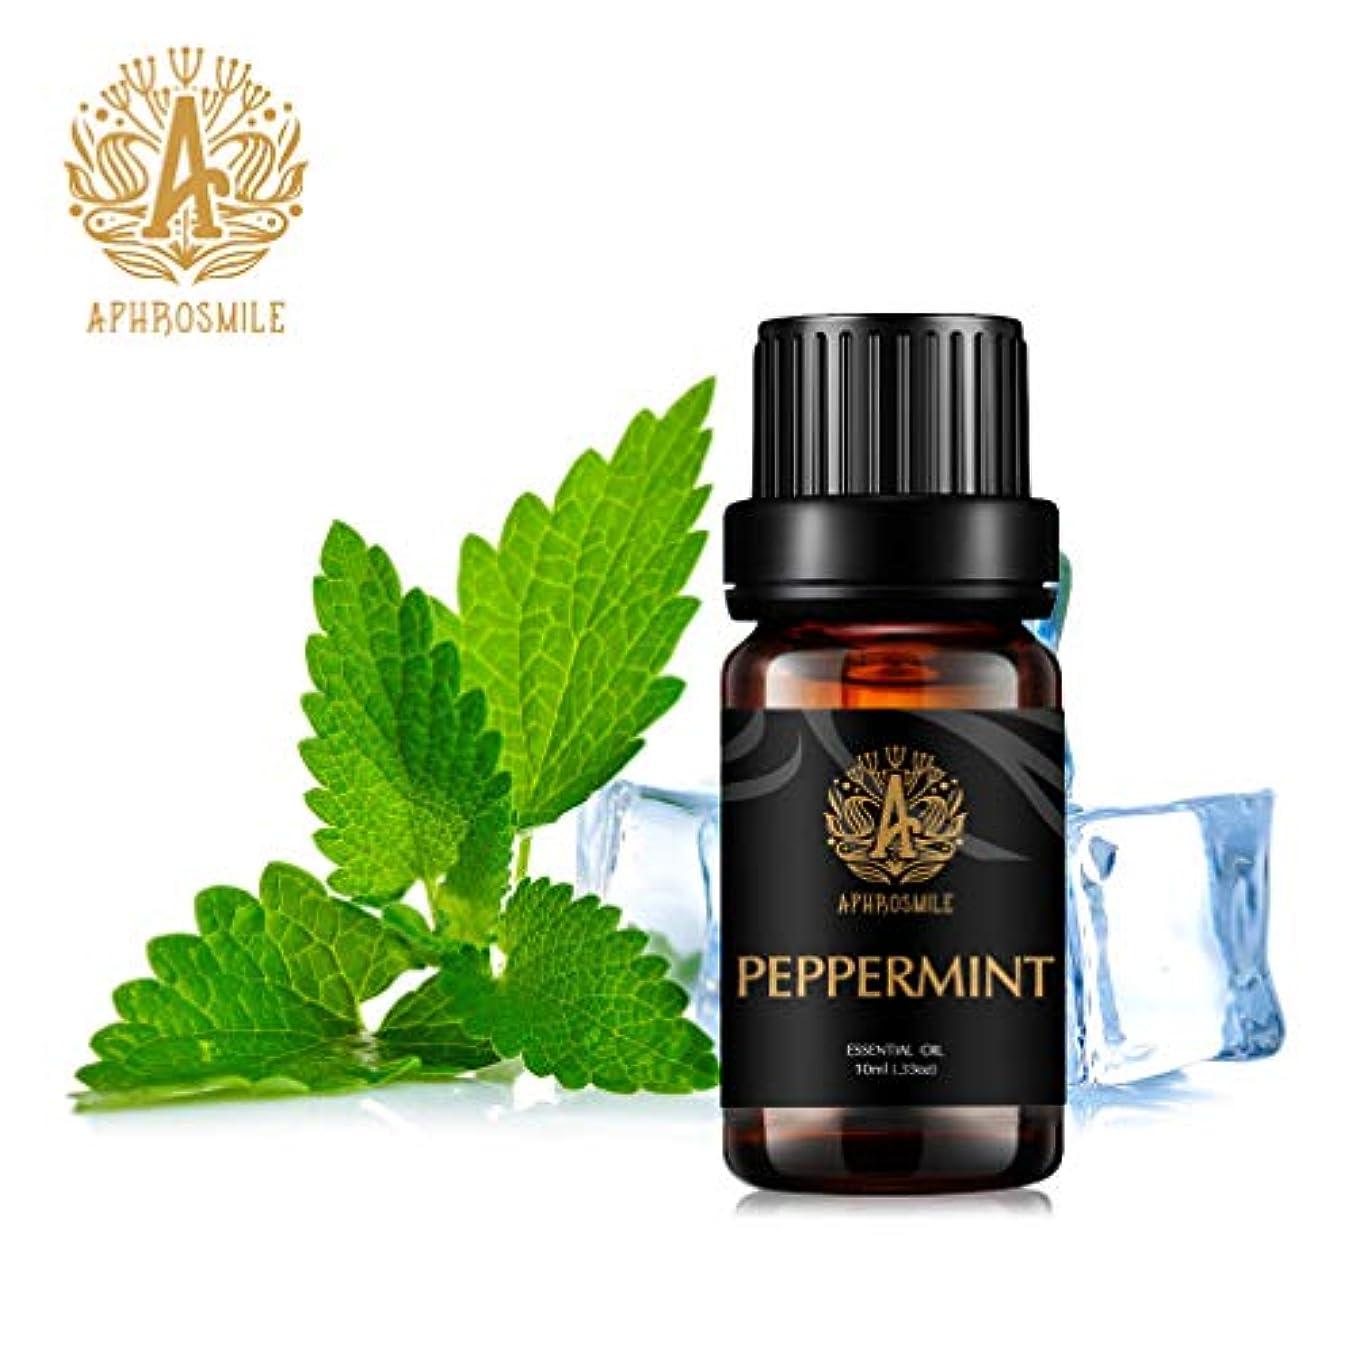 外向き解釈的最終ペパーミントの精油、100%純粋なアロマセラピーエッセンシャルオイルペパーミントの香り、明確な思考と、治療用グレードエッセンシャルオイルペパーミントの香り為にディフューザー、マッサージ、加湿器、デイリーケア、0.33オンス-10ml